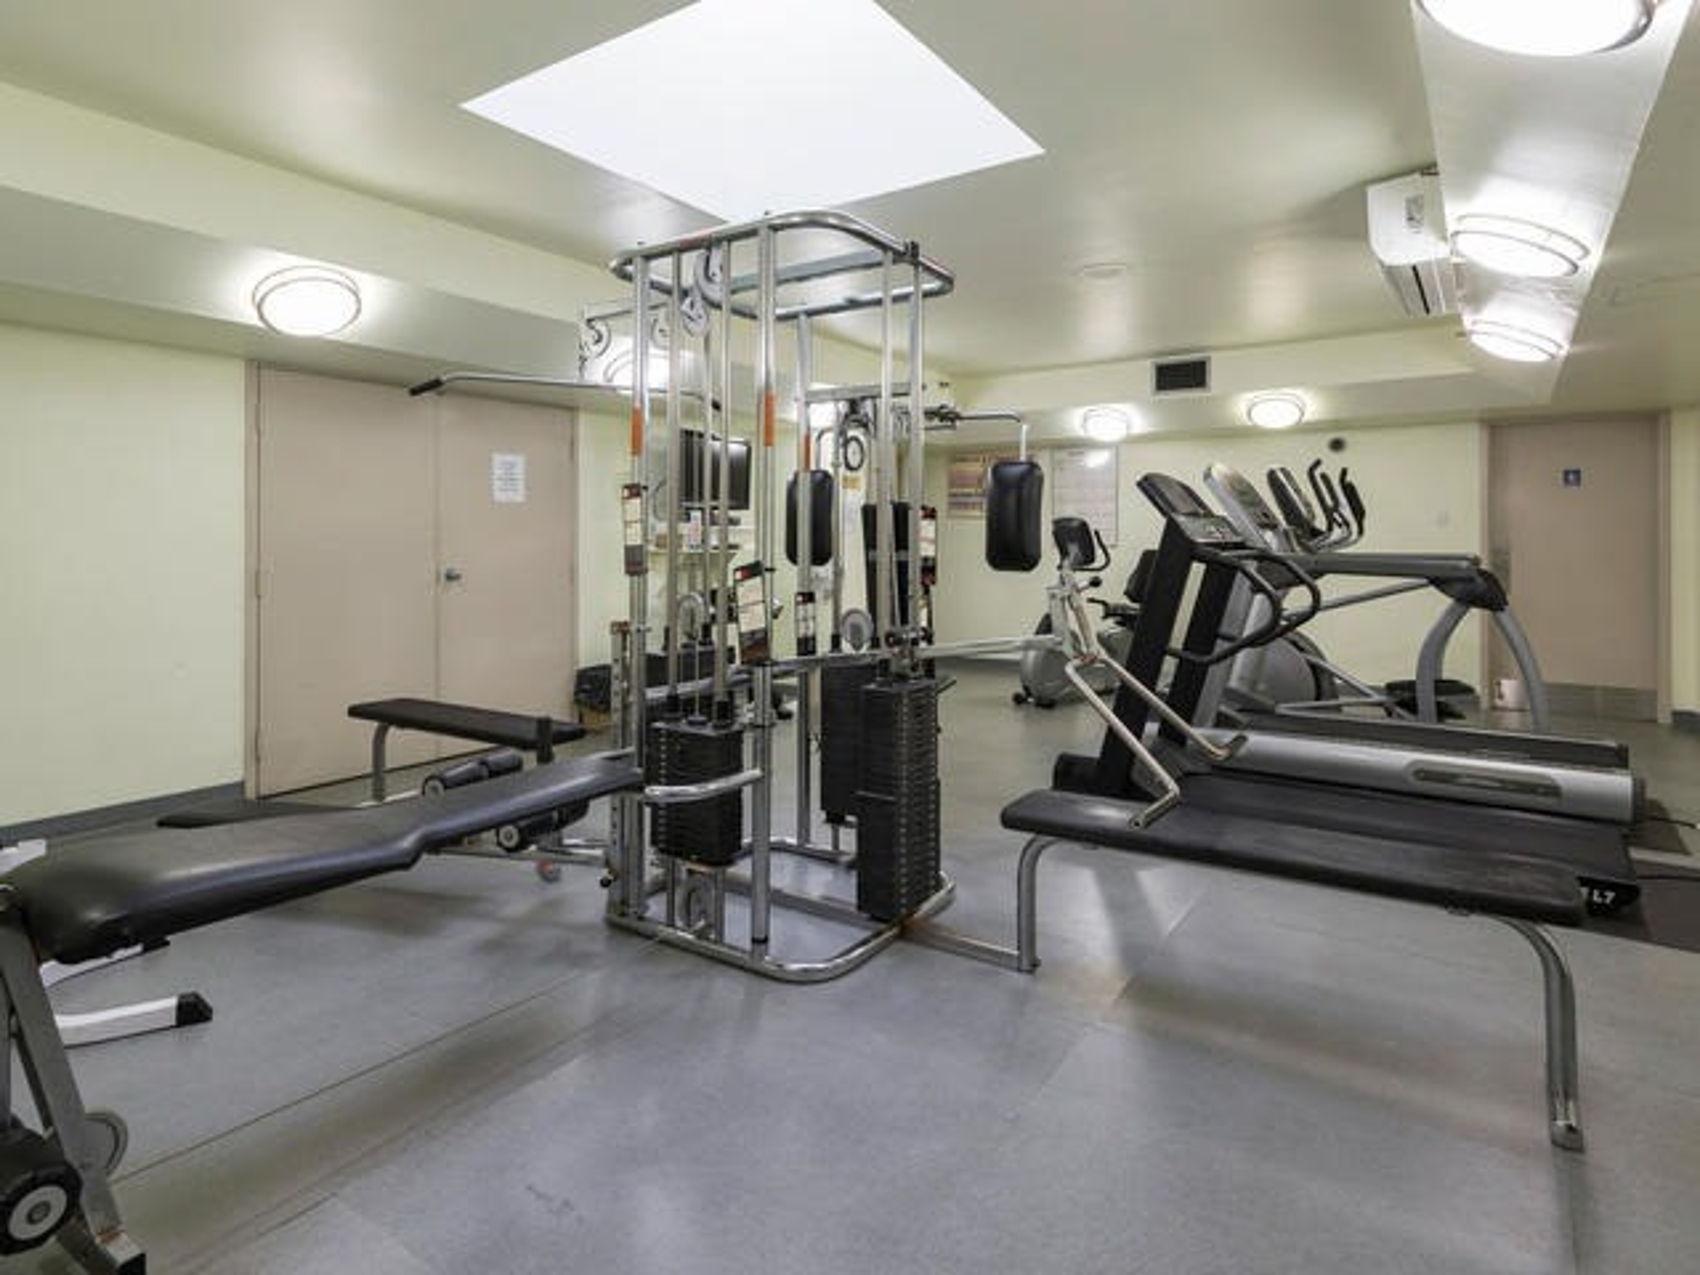 068-Gym.jpg